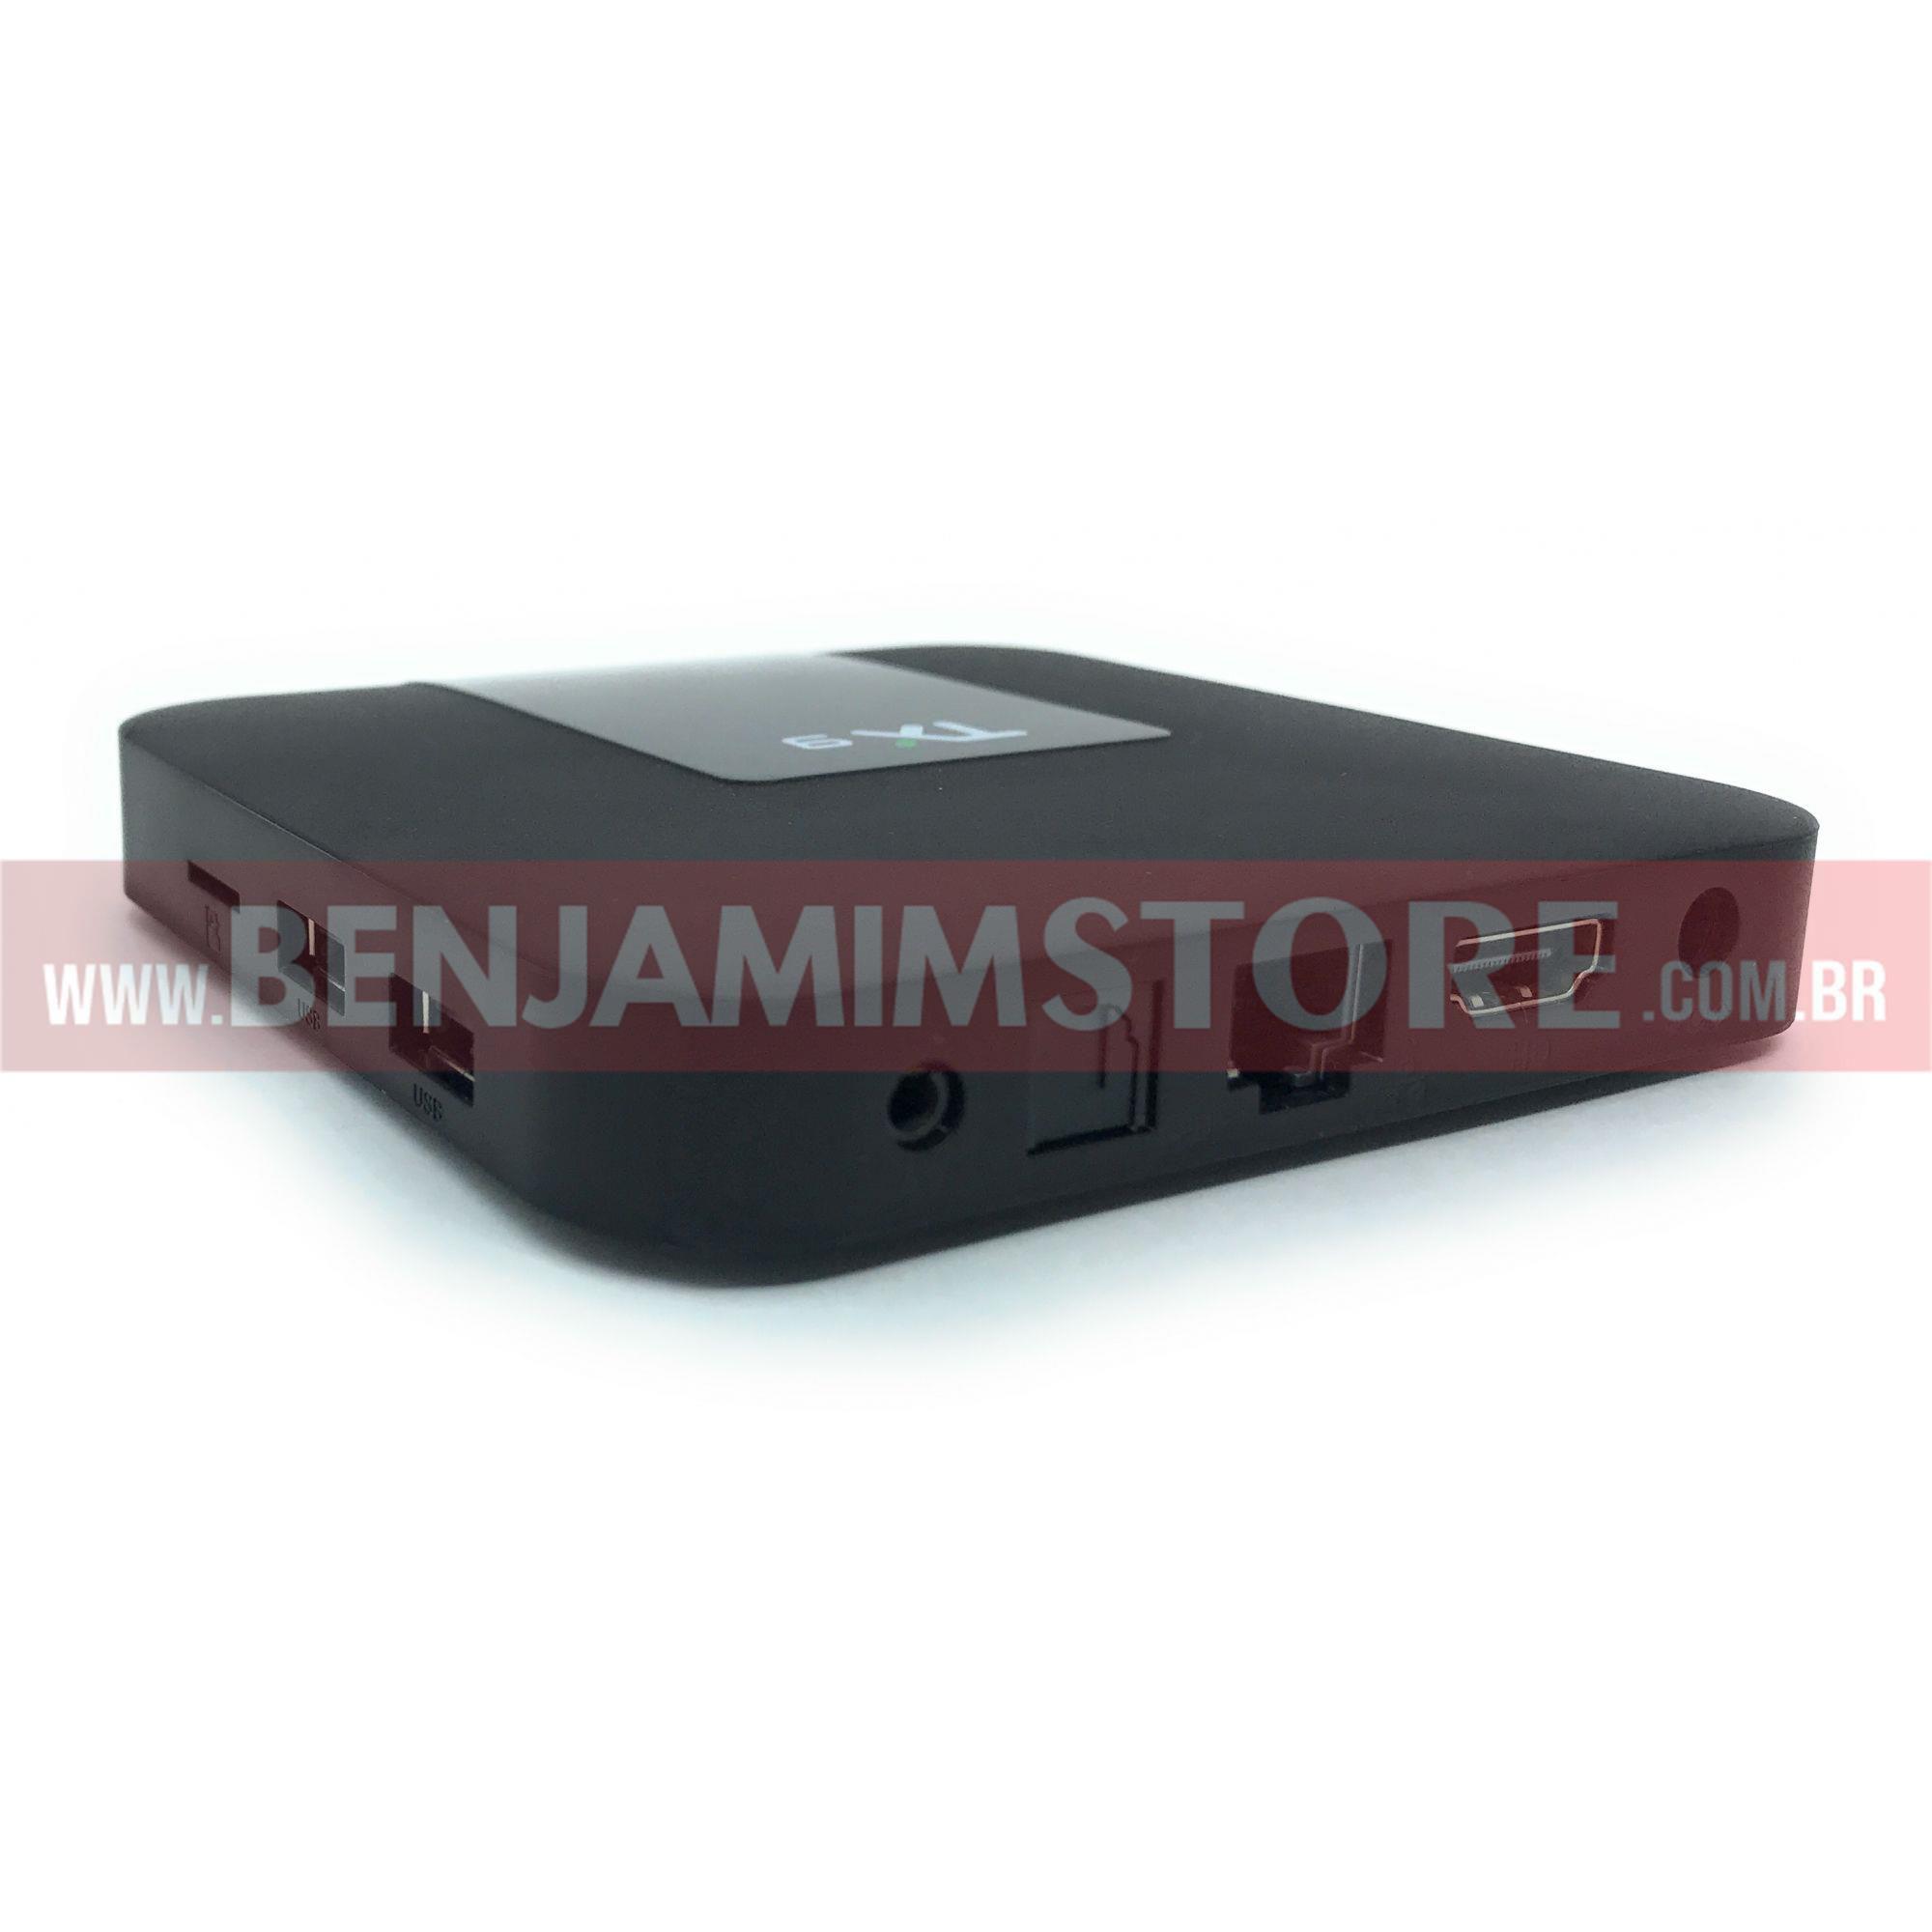 Aparelho Transforma TV em Smart TX9 4k 4gb de ram + 32 gb de armazenamento